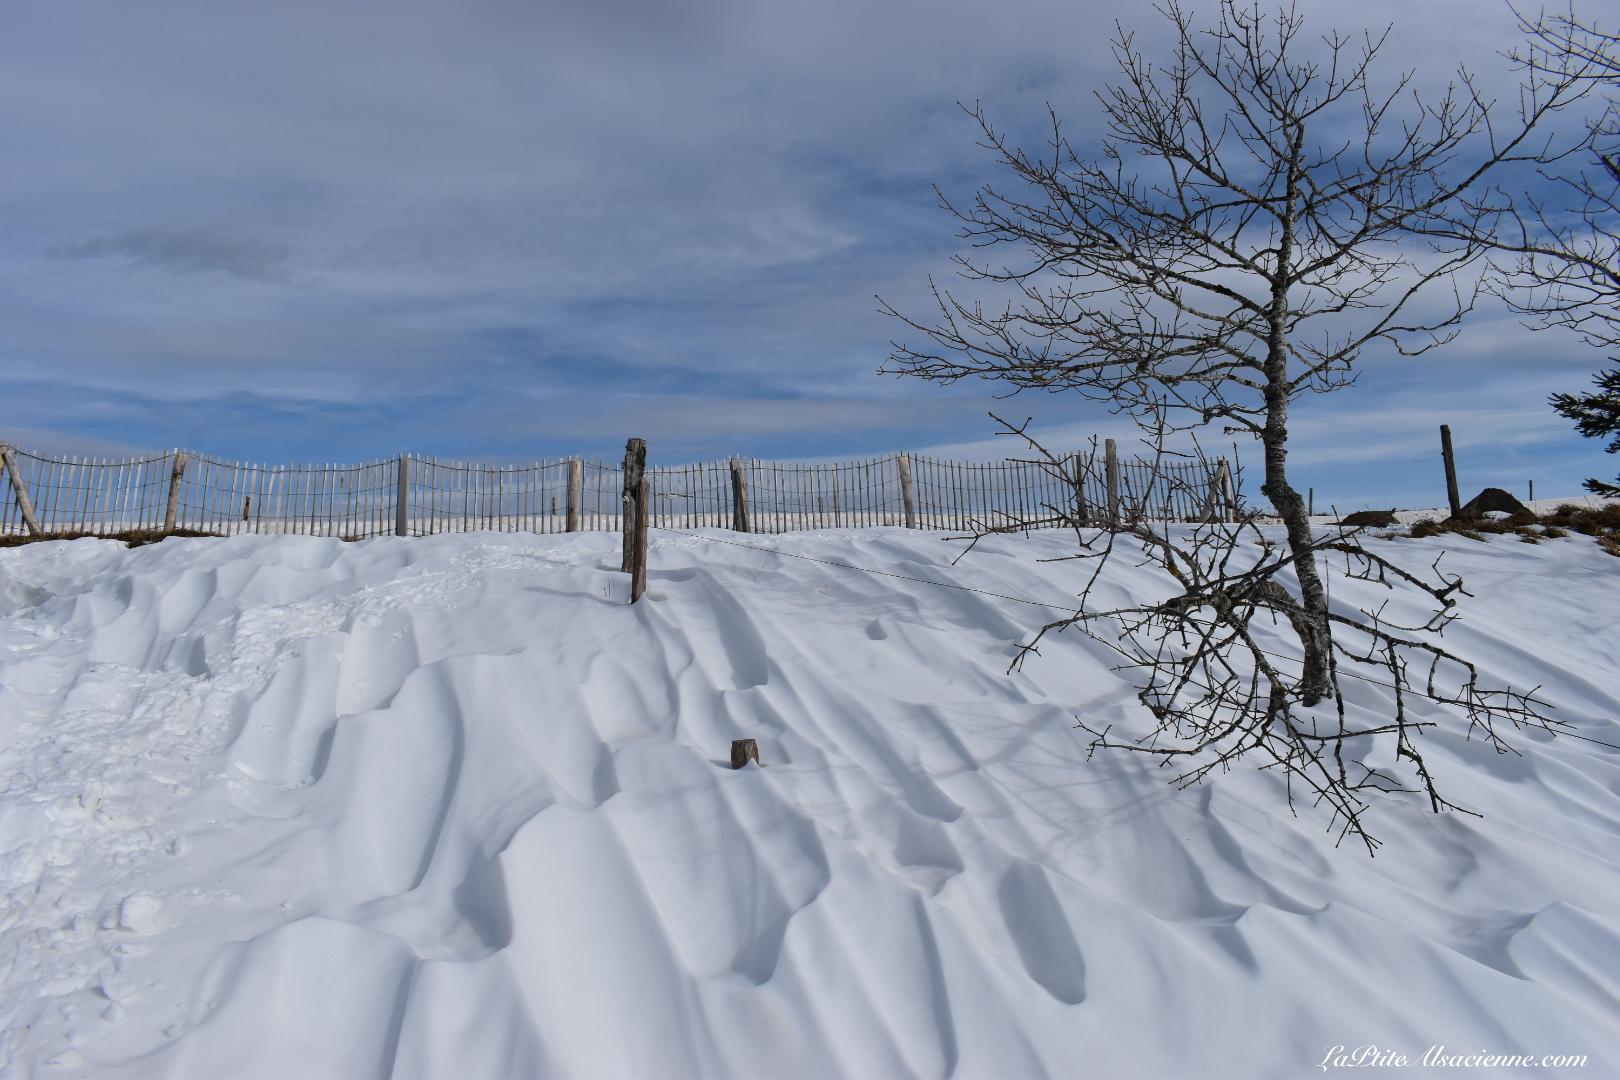 Le vent donne des formes à la neige - Randonnée du 16 février 2021 vers le Grand Ballon - Cendrine Miesch dite LaPtiteAlsacienne